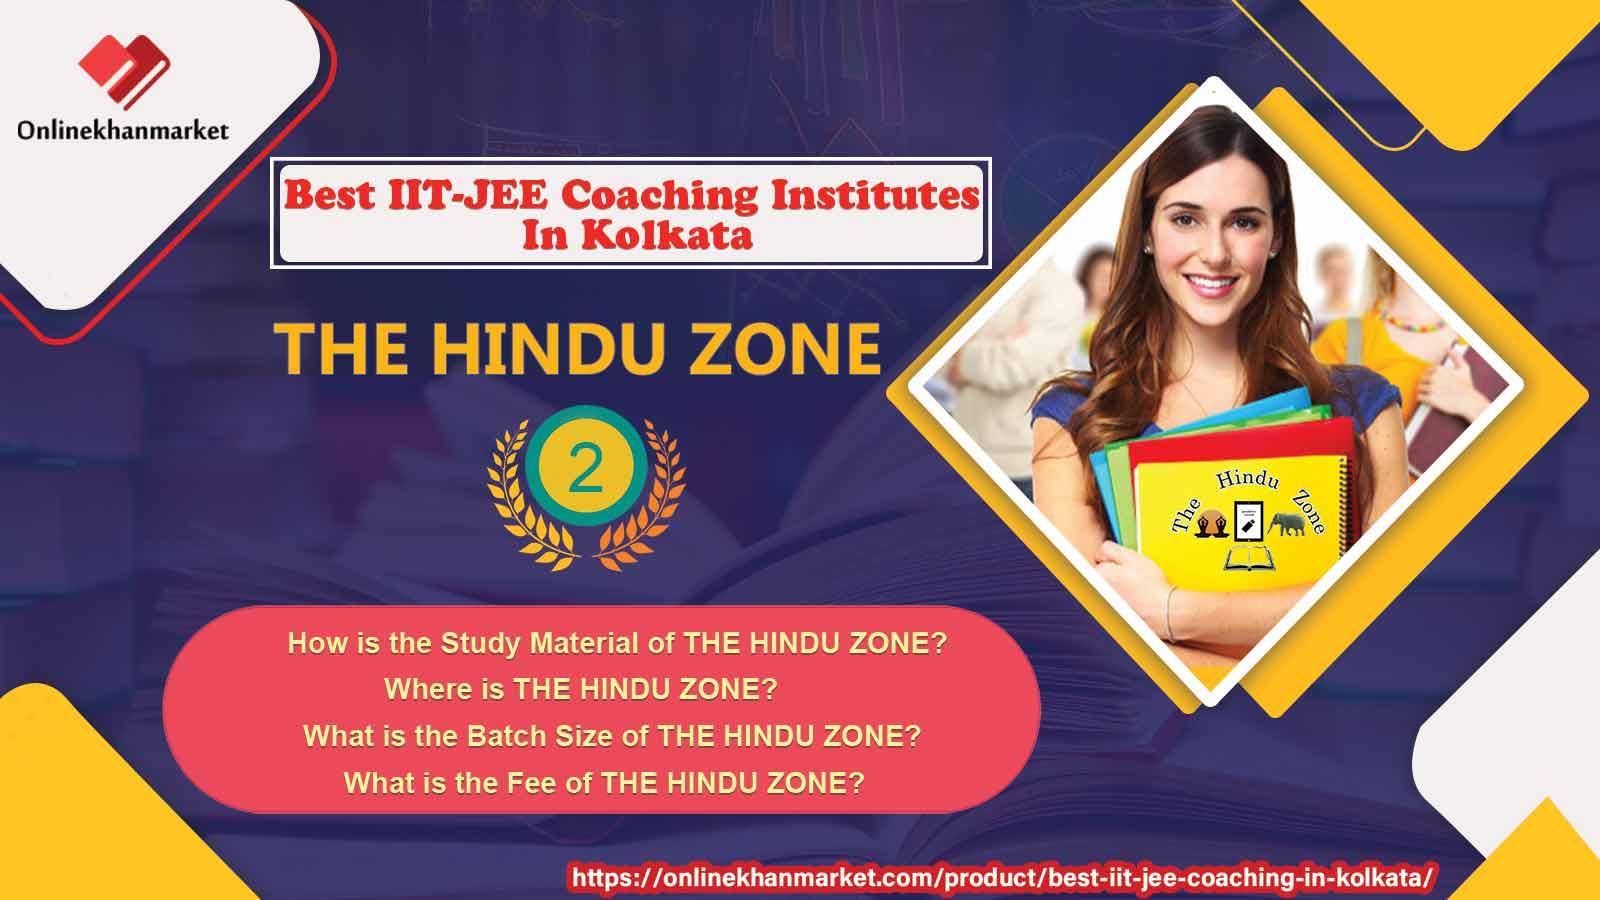 IIT JEE Coaching in Kolkata